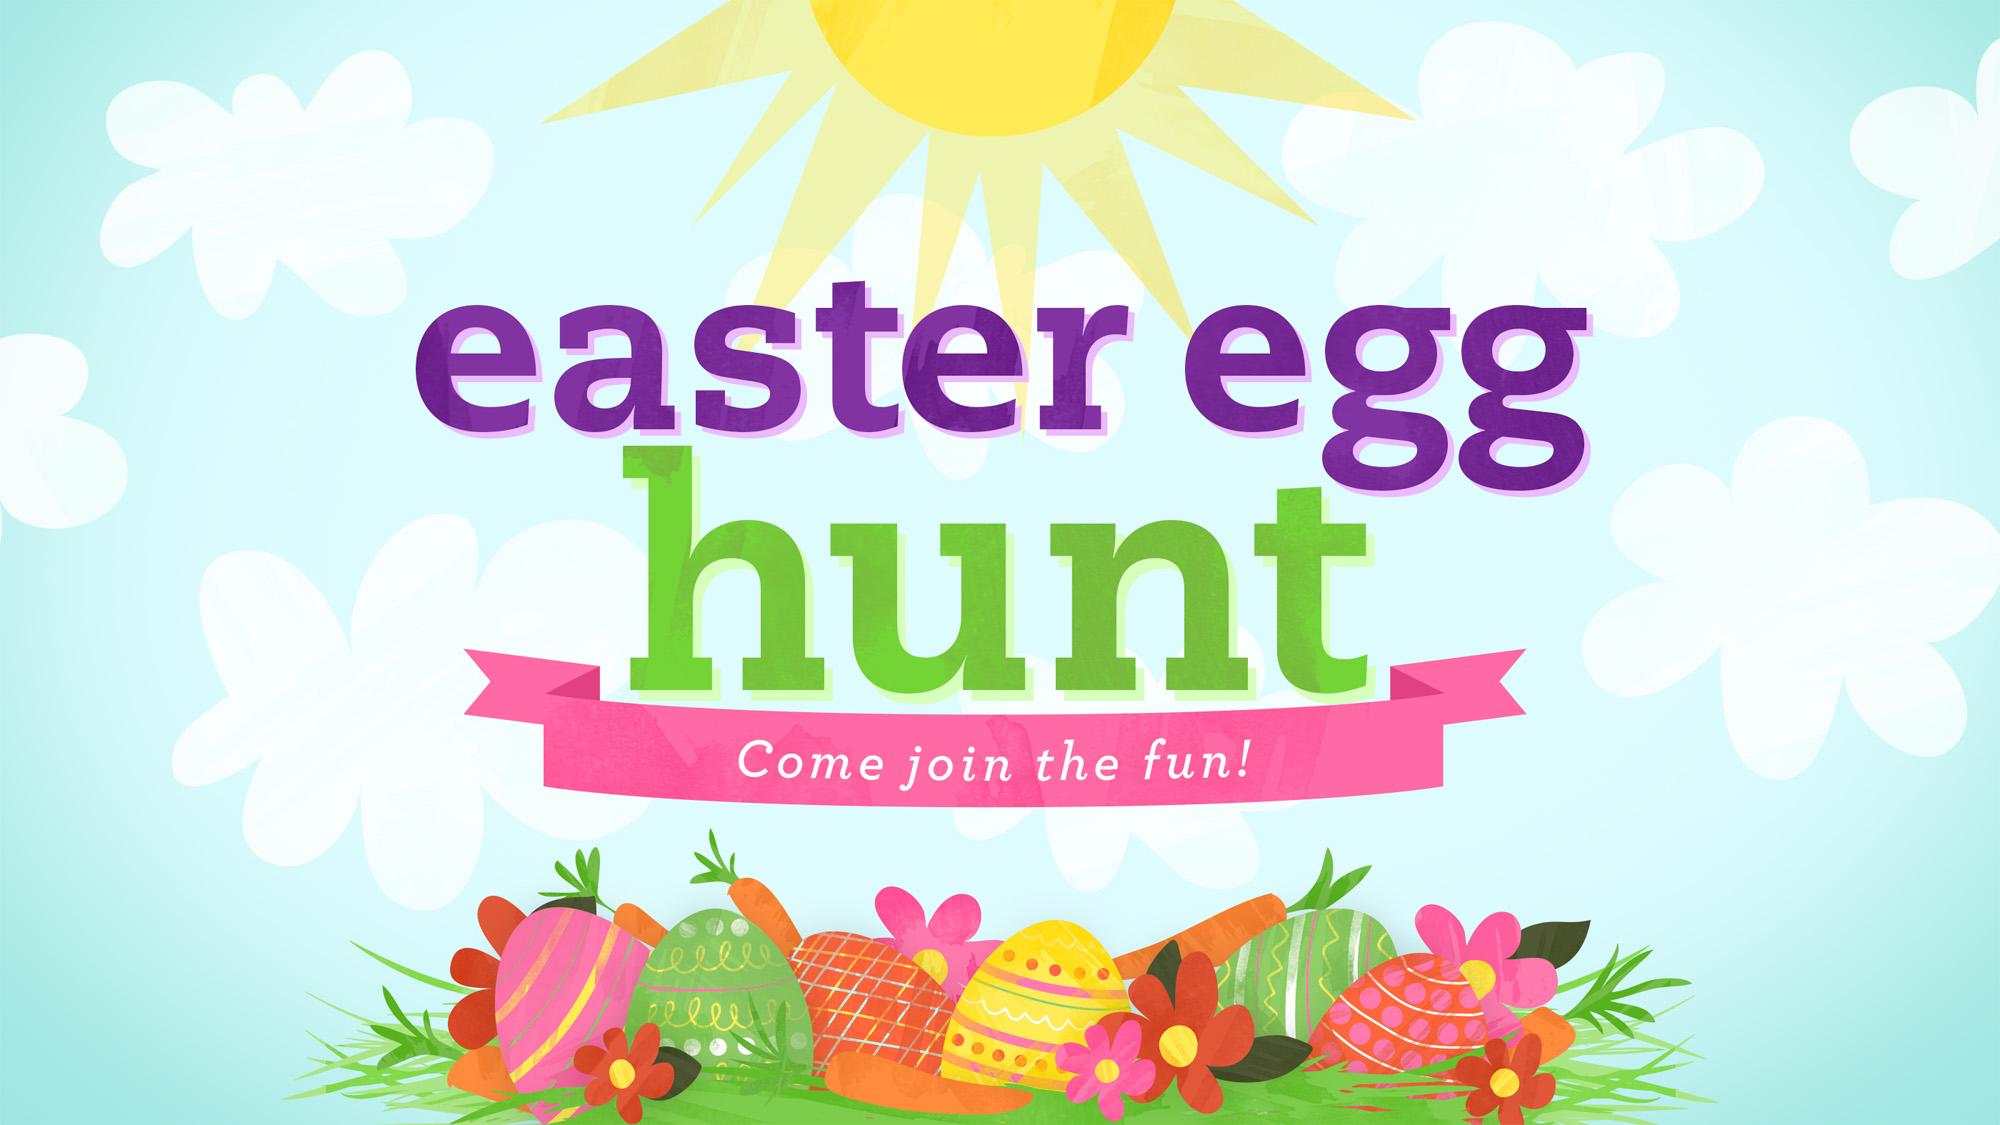 Annual easter egg hunt clipart jpg Easter Egg Hunt Clipart - Clipart Kid jpg